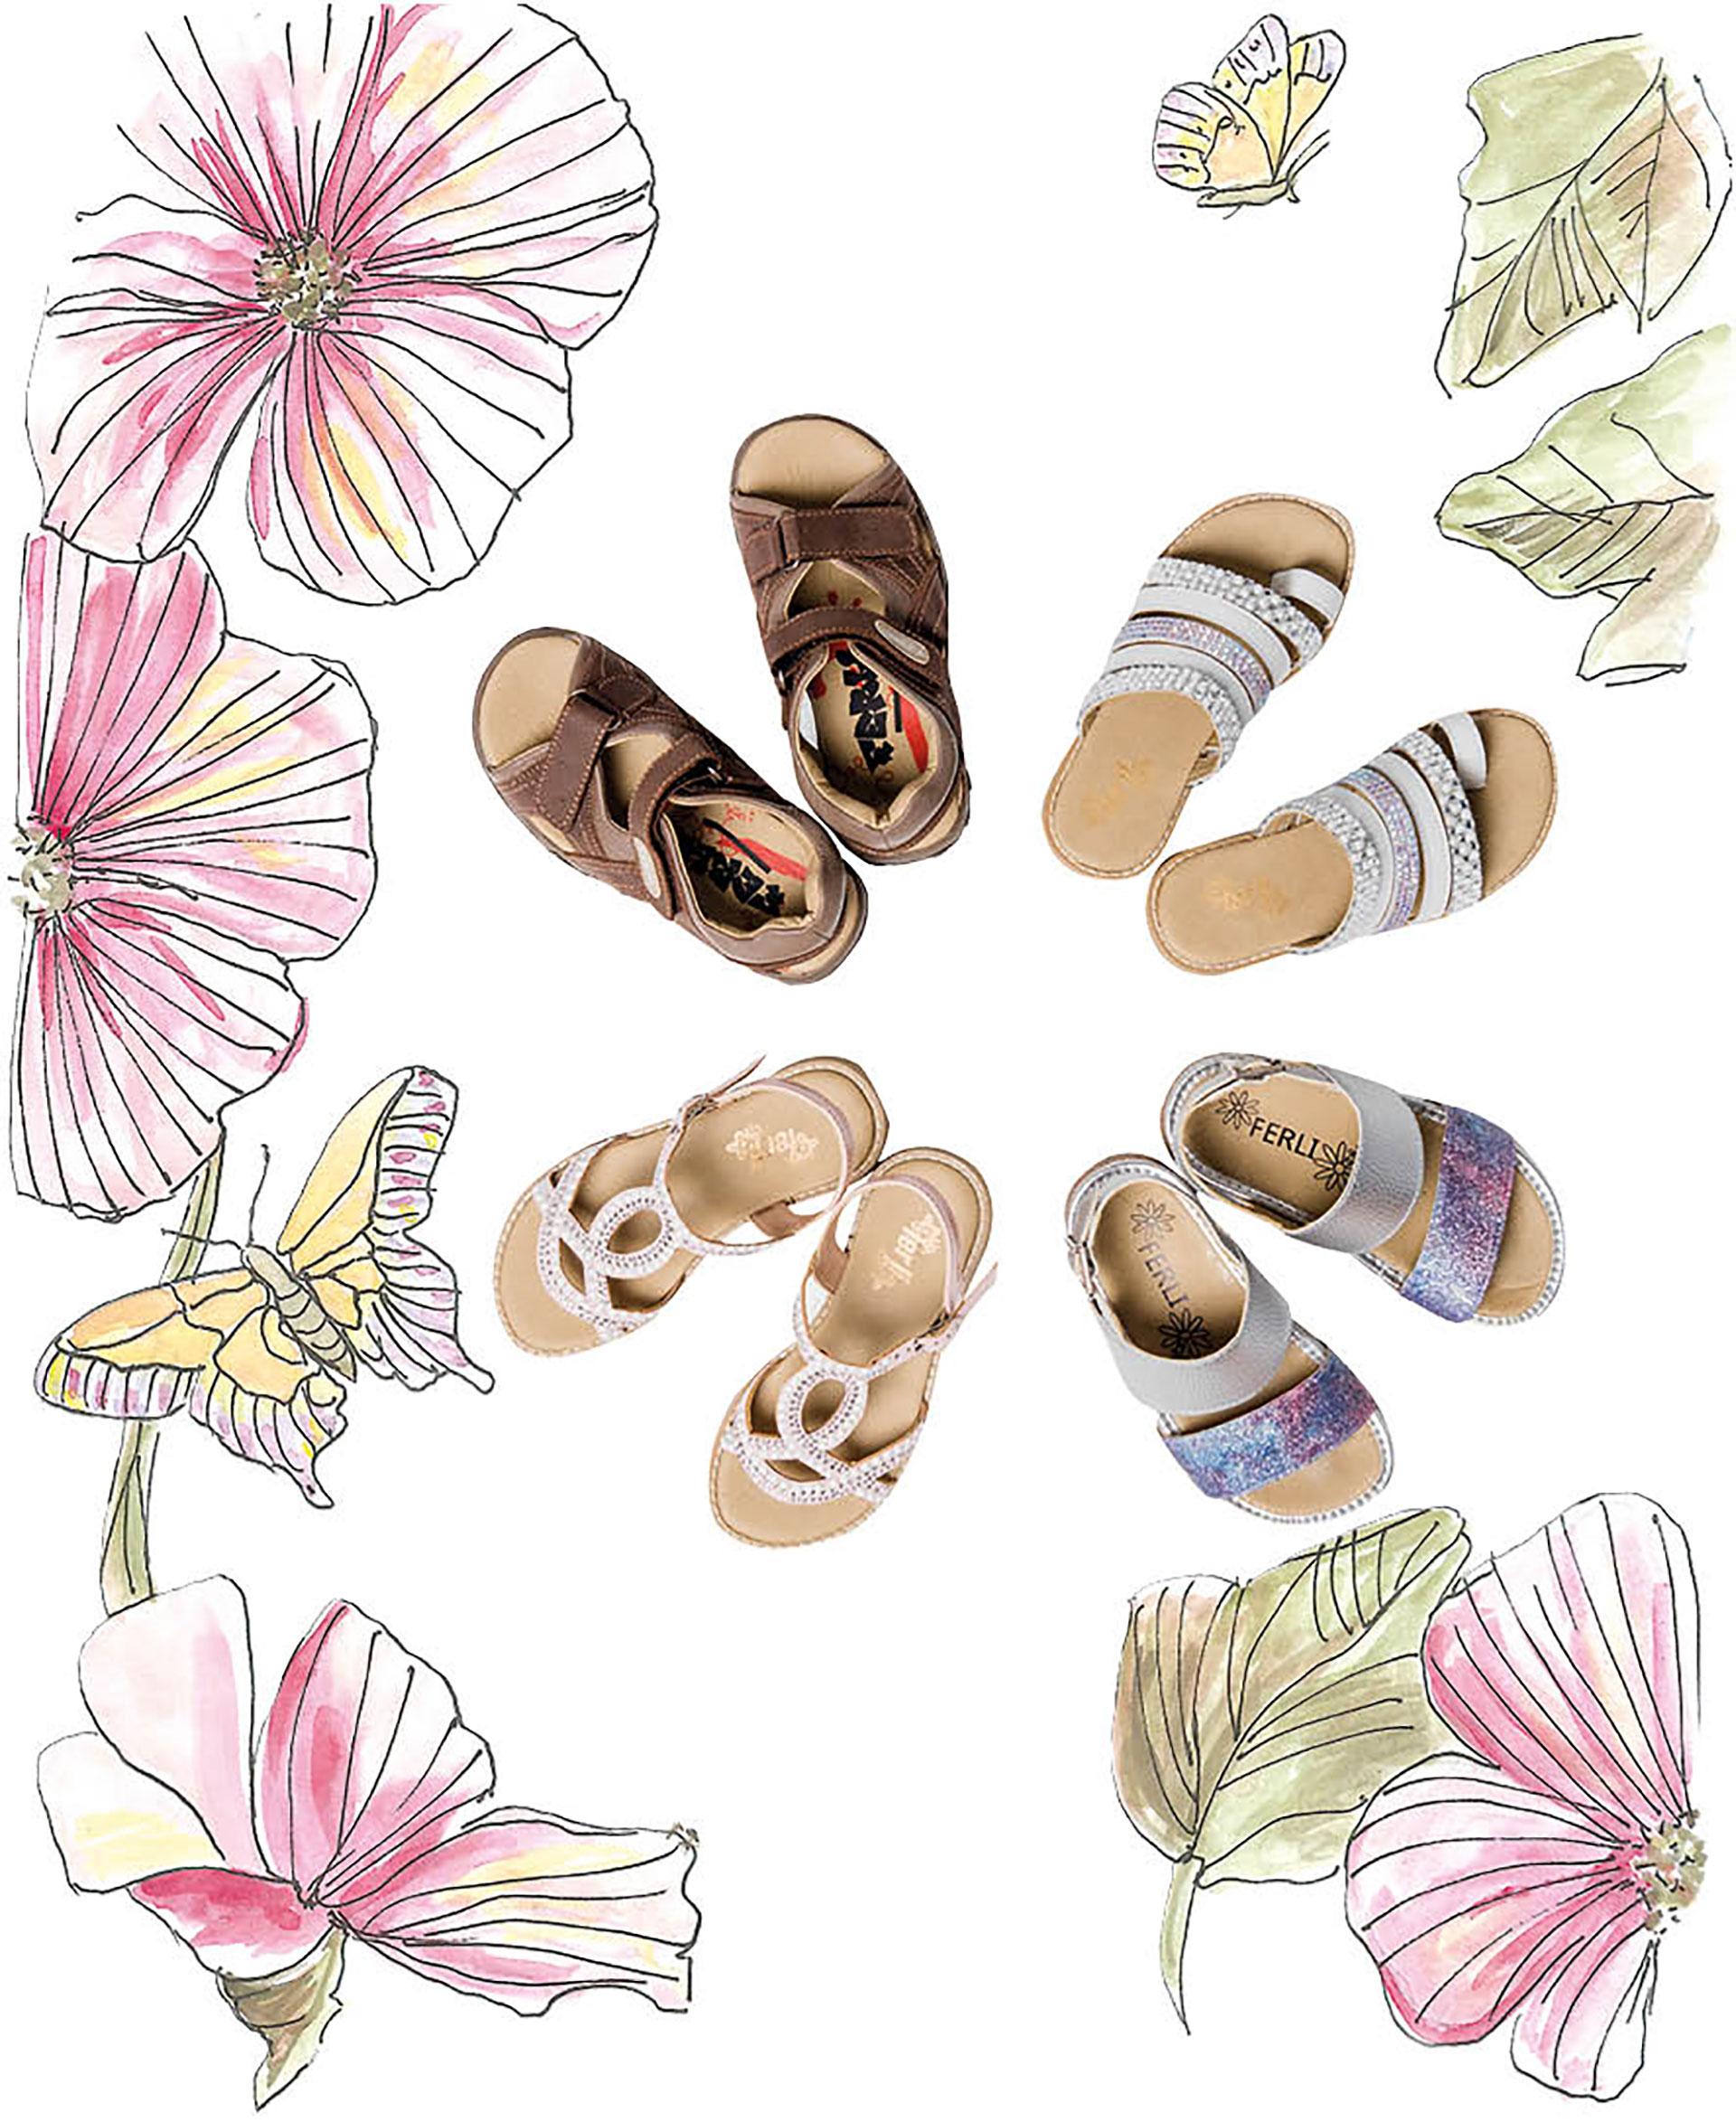 Sandalias con perlas ($ 1.360), sandalias con tira doble($ 1.020), sandalias conbrillos ($ 1.380) y sandaliasde cuero con velcro ($ 1.560). De Ferli.